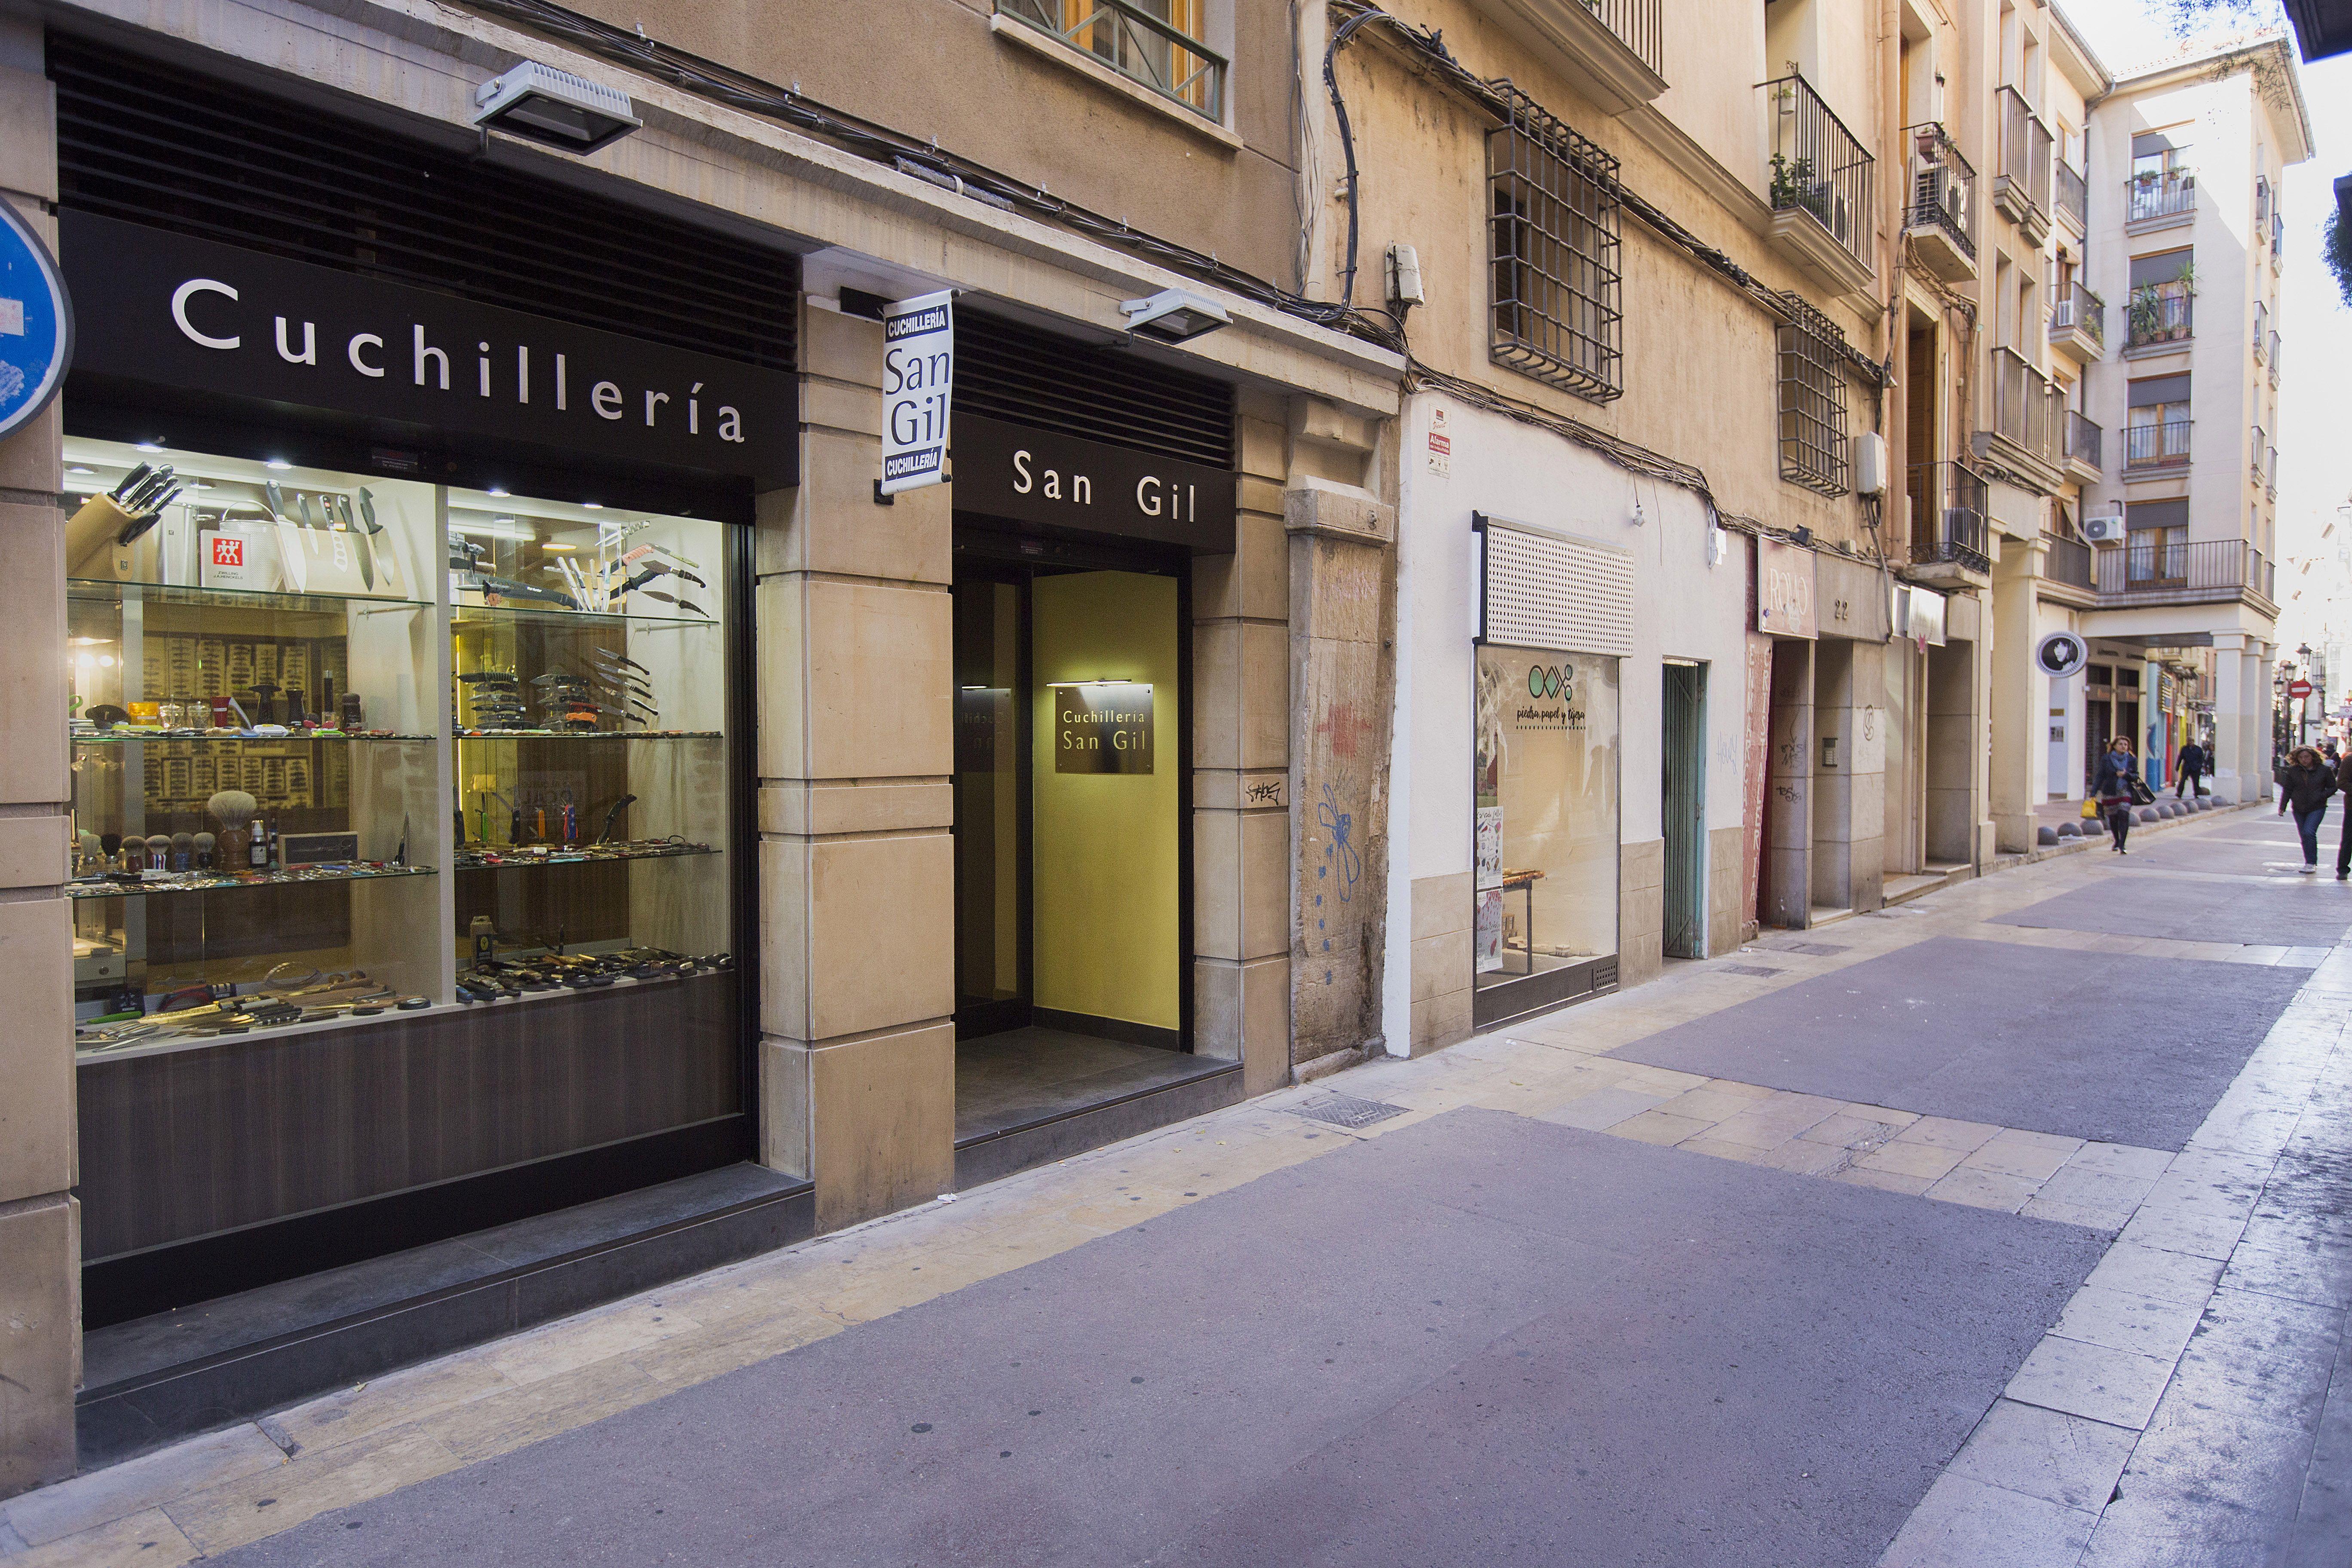 Especialistas en cuchillería en Zaragoza